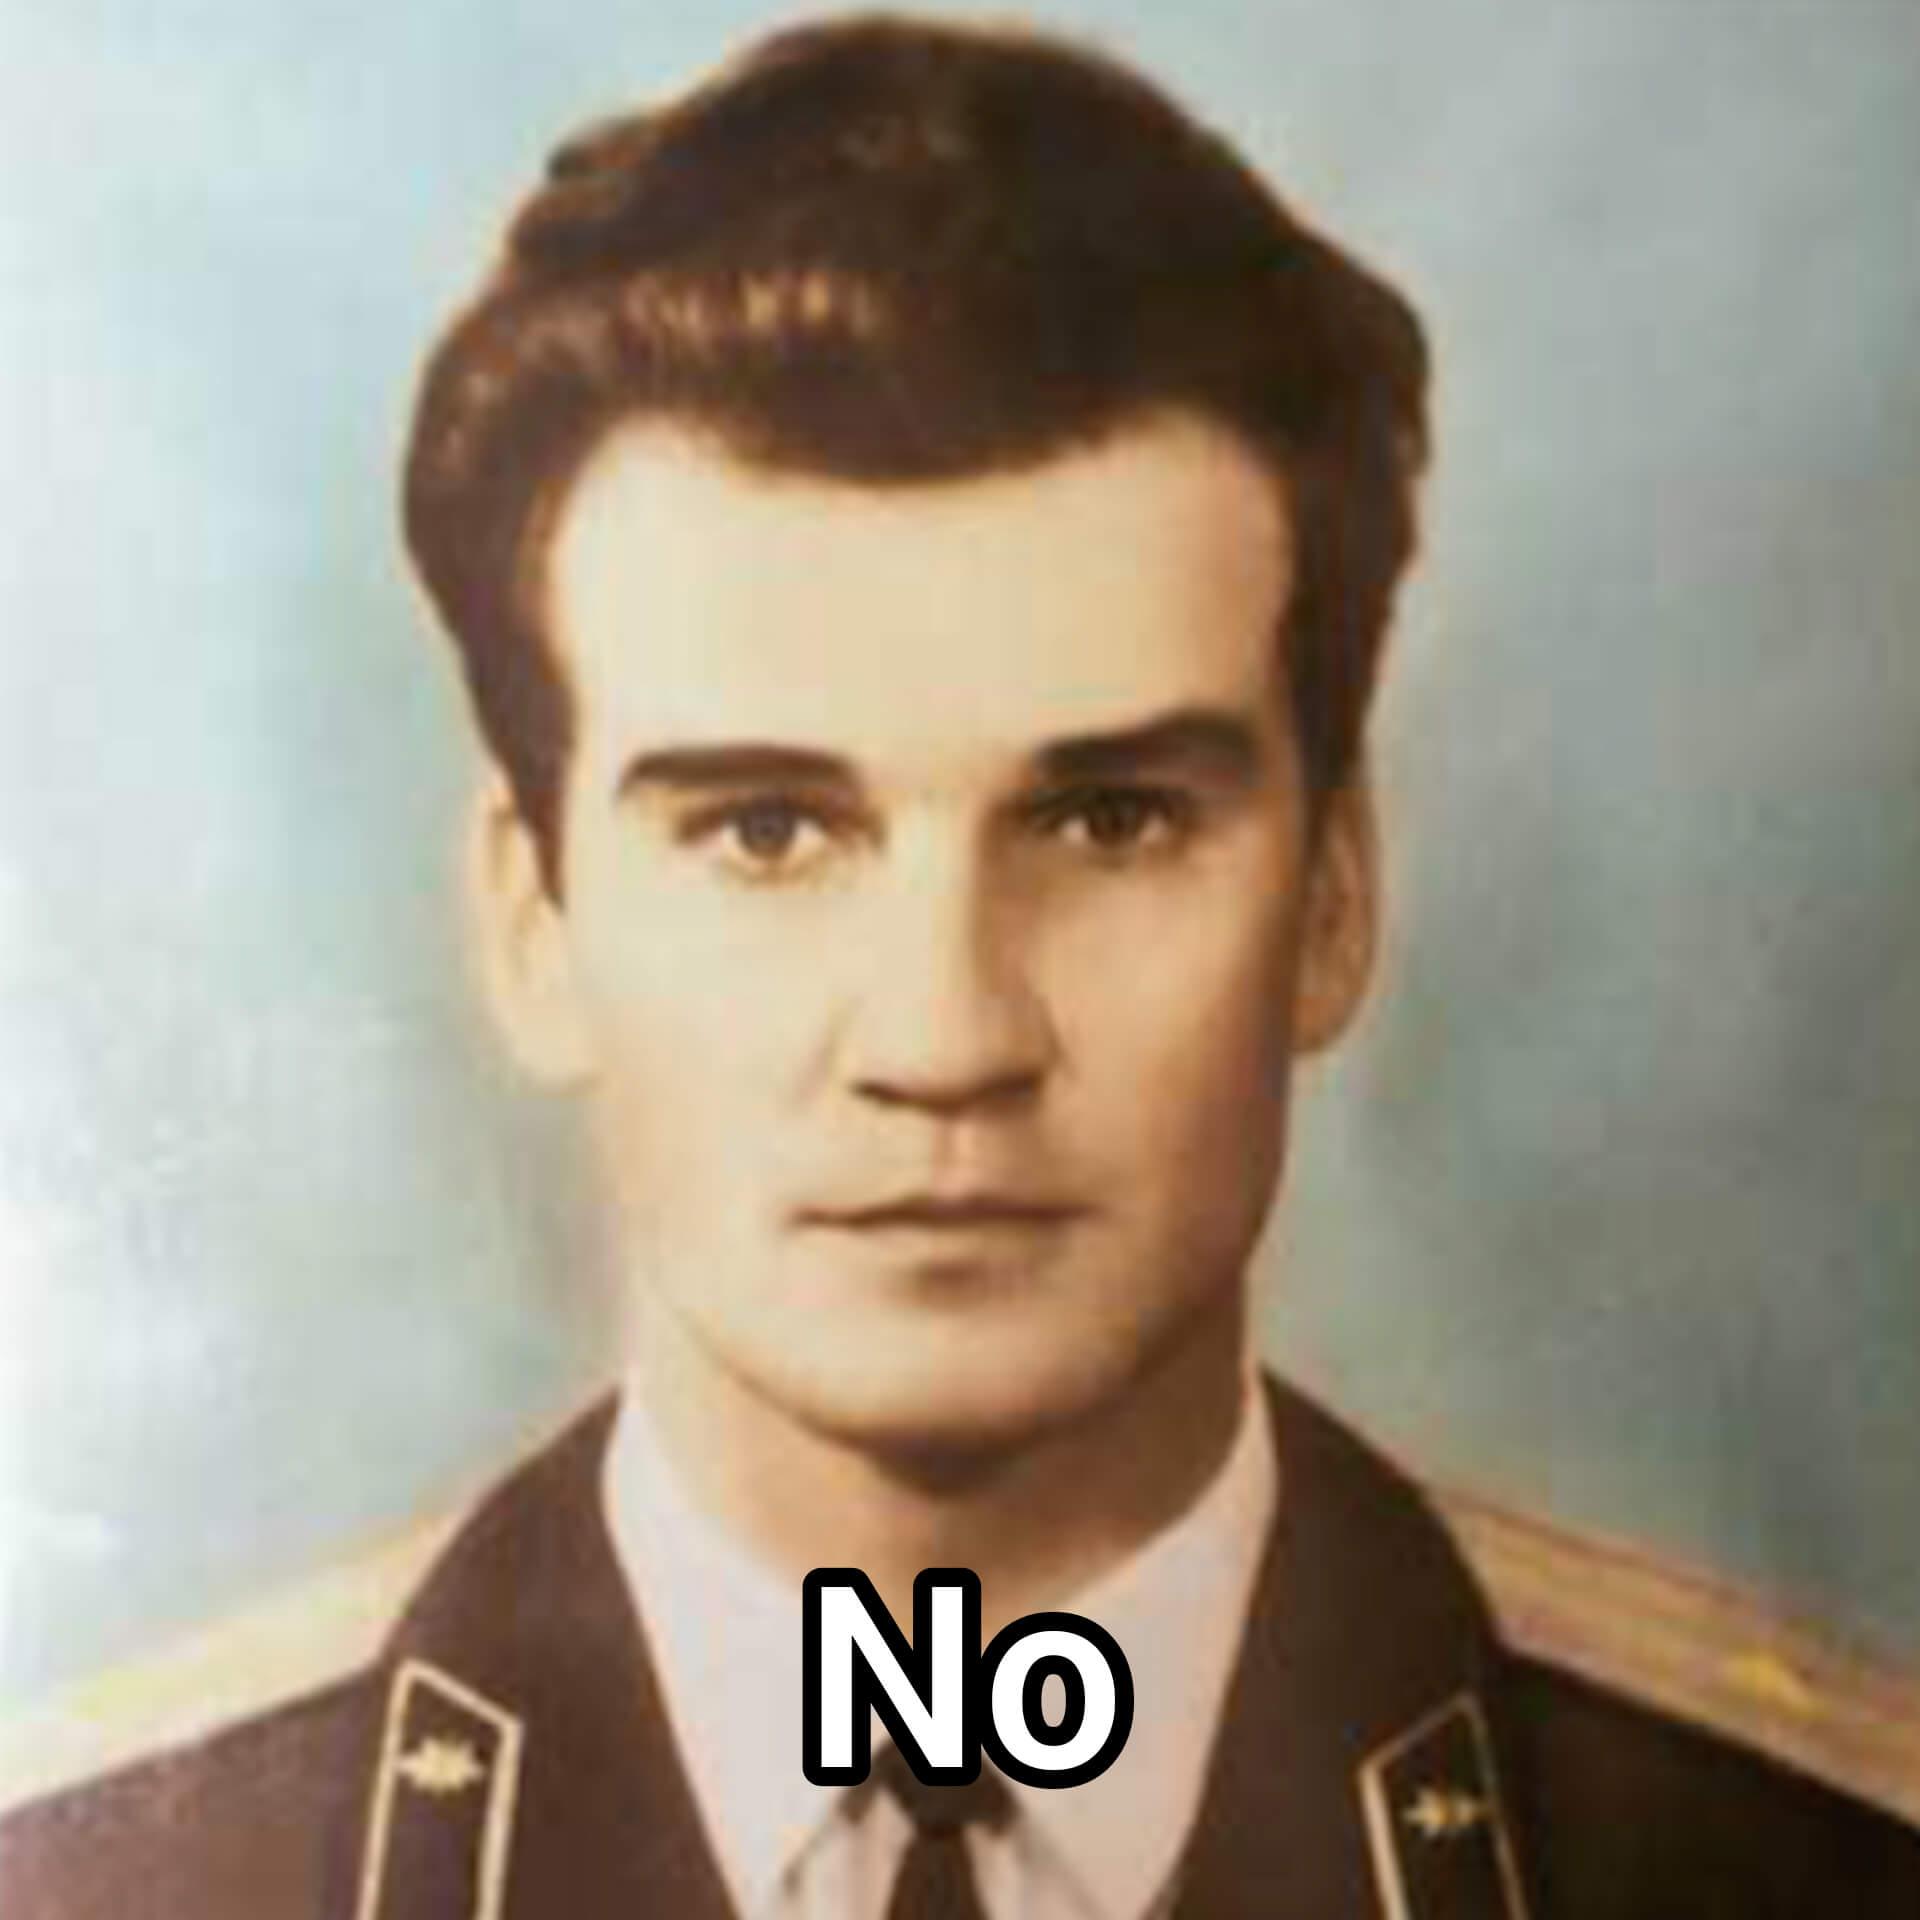 Ir a la pagina de la plantilla stanislav petrov / no.